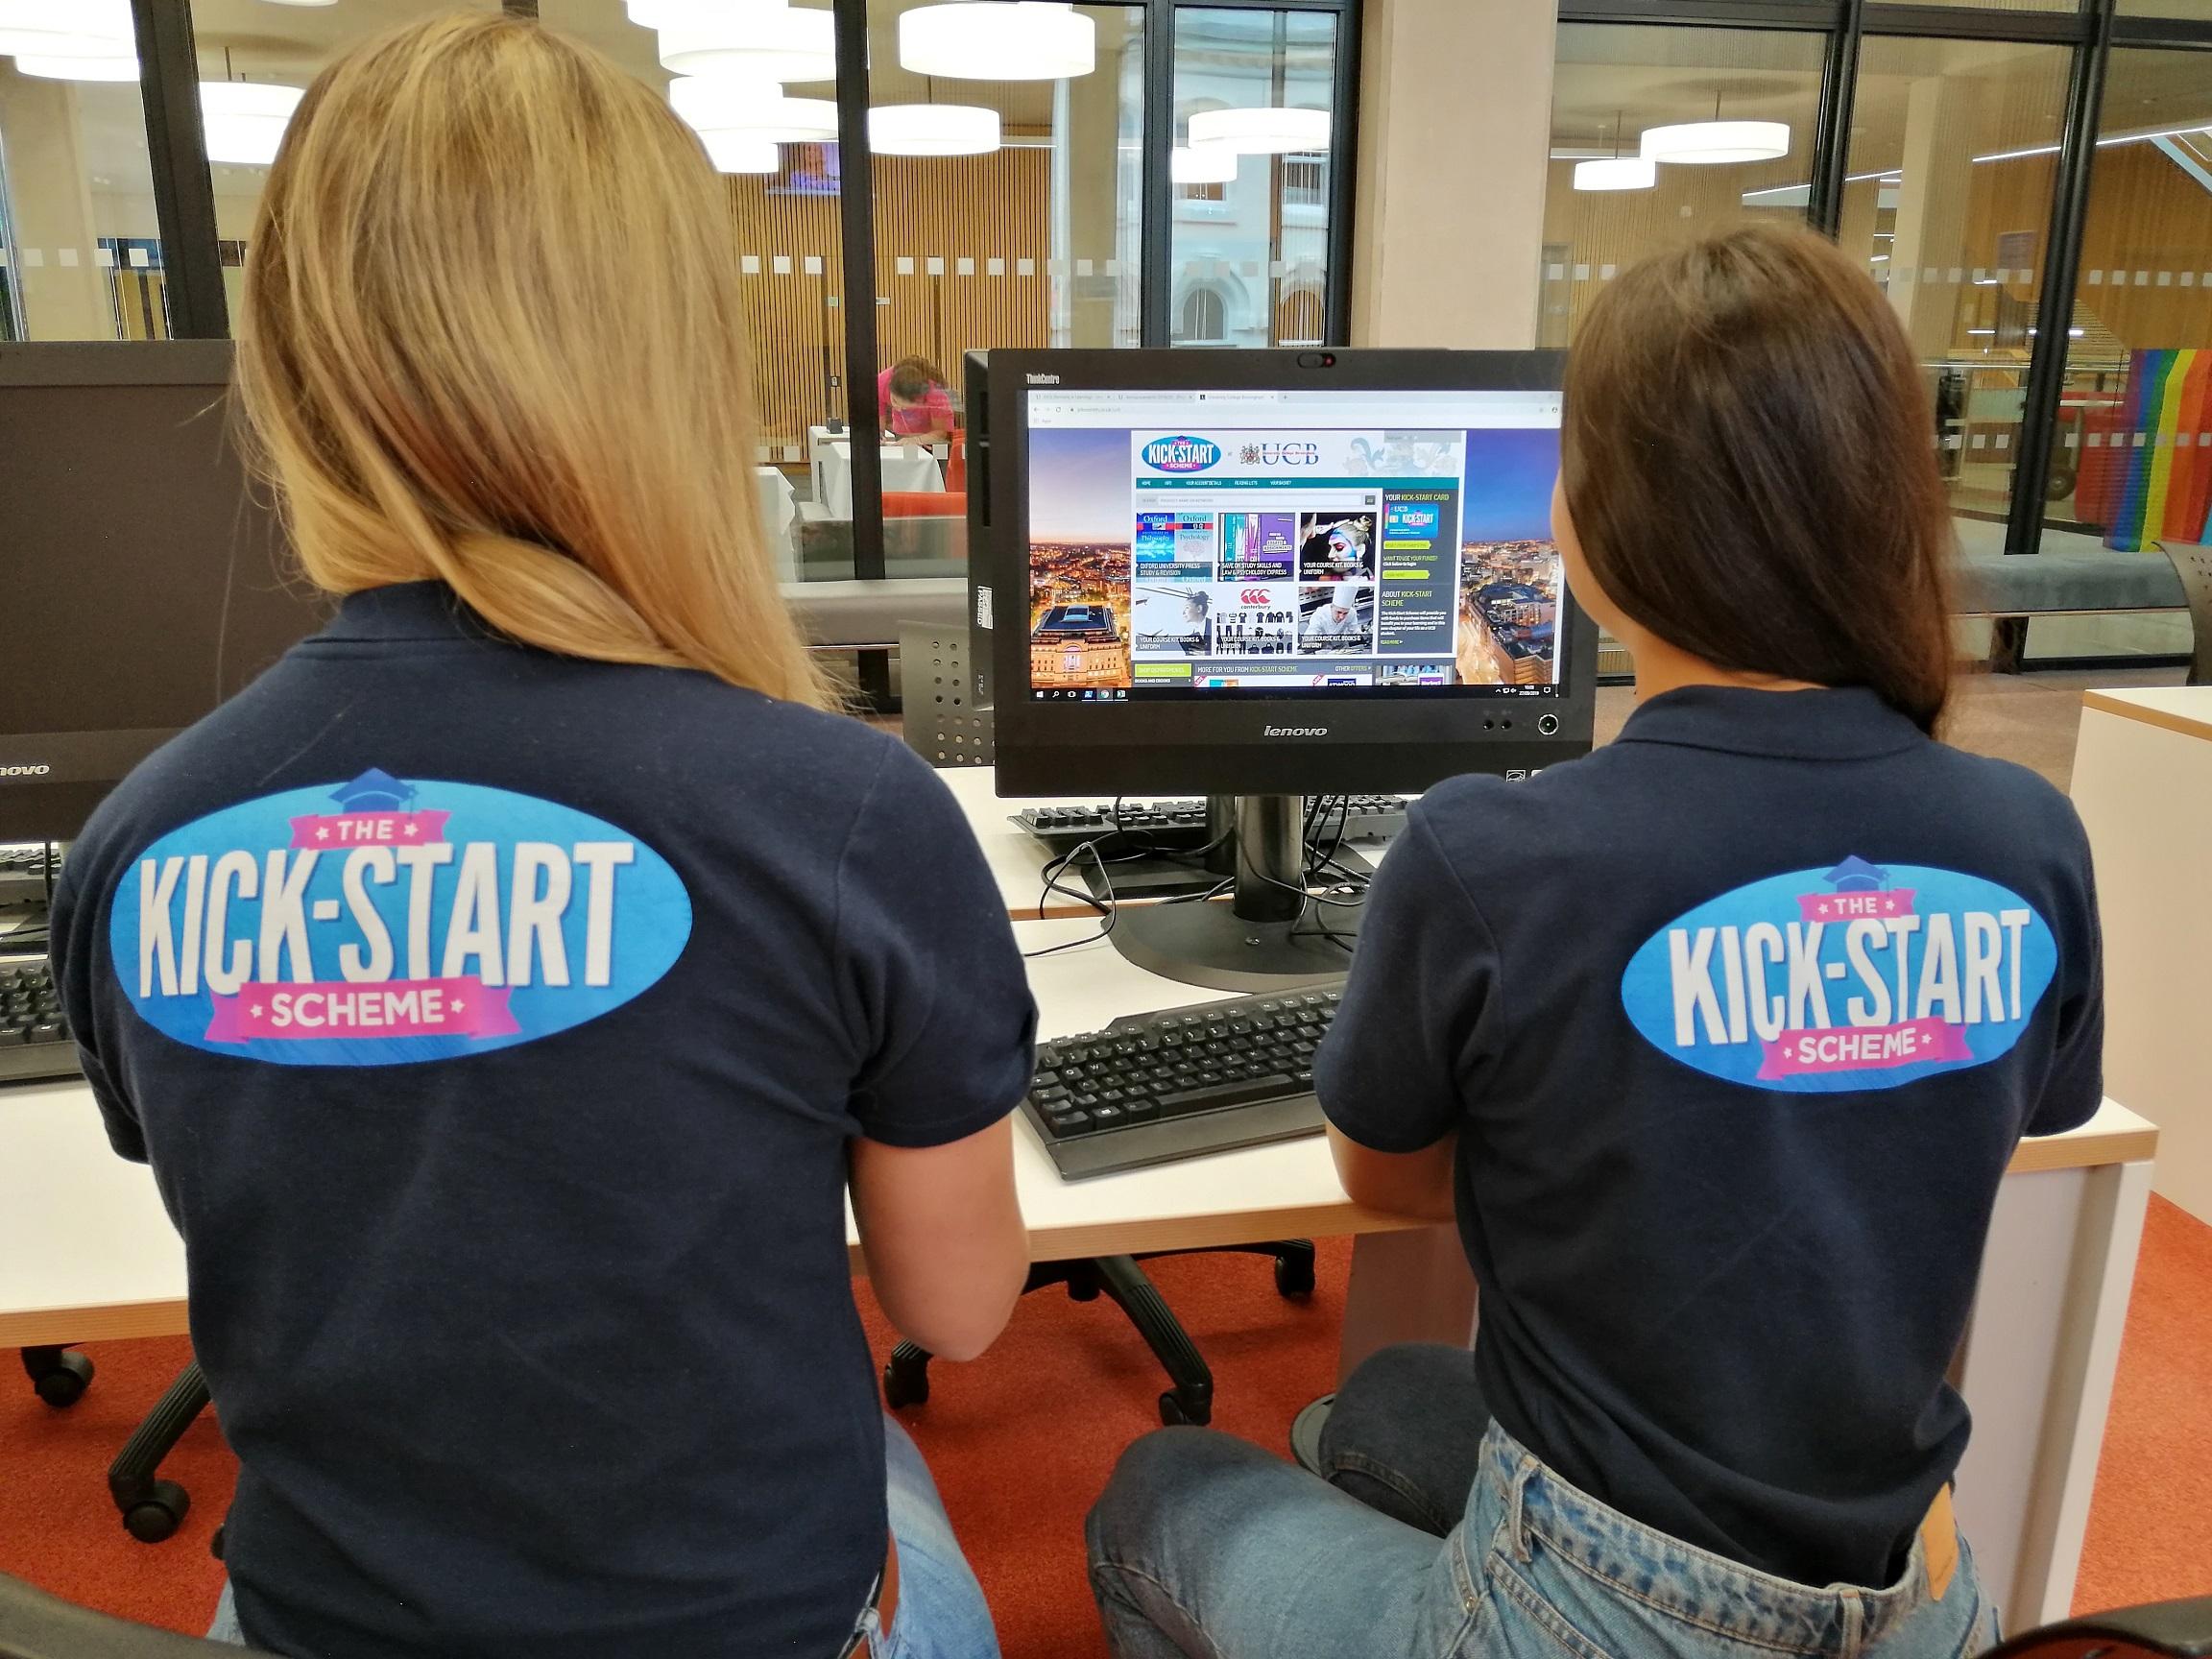 What Is The Kickstart Scheme?